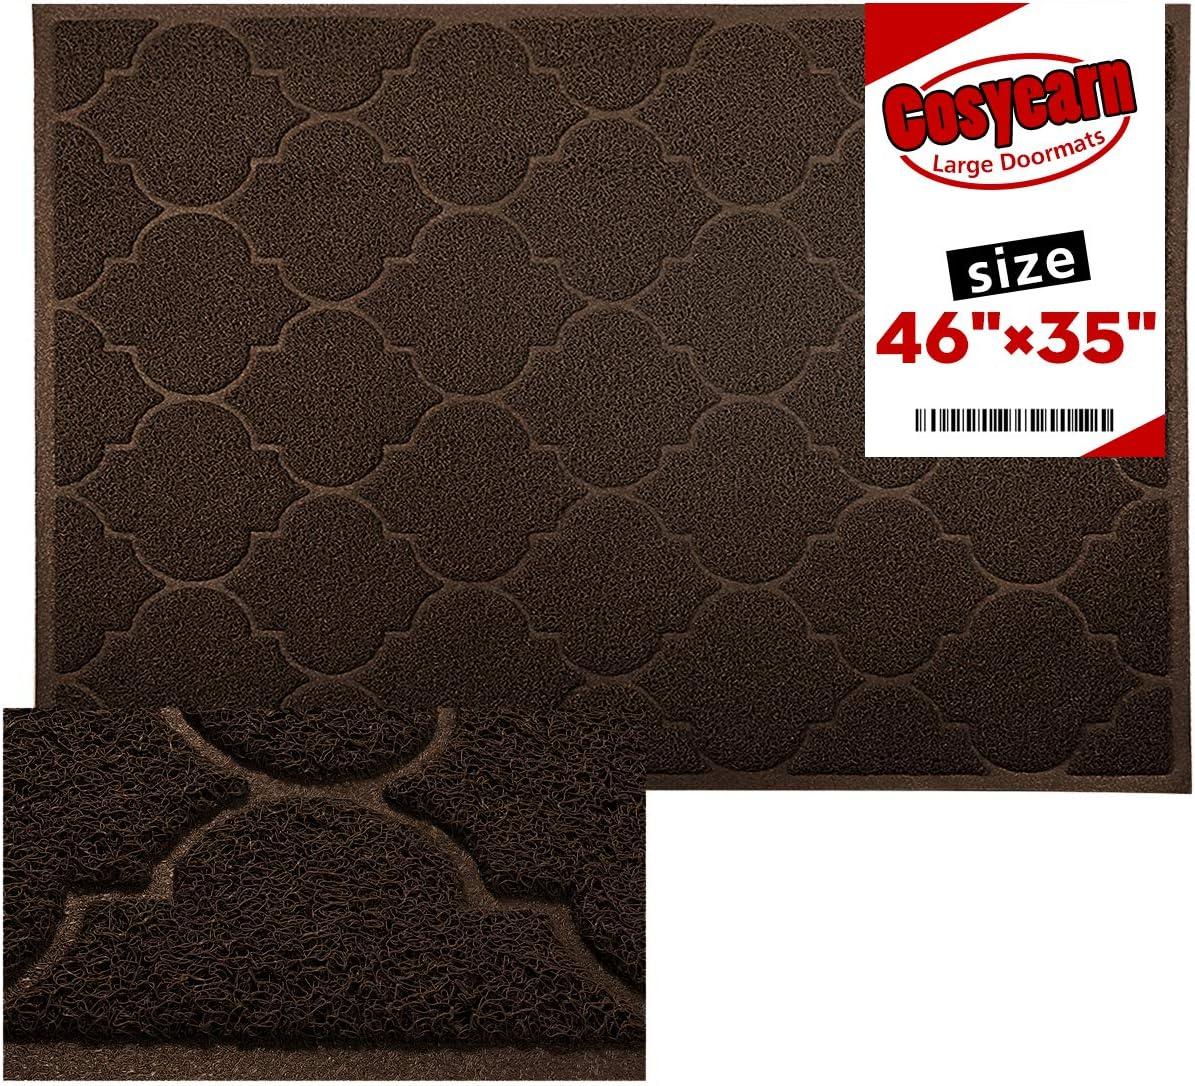 Large Door Mats,46x35 Inches XL Jumbo Size Outdoor Indoor Entrance Doormat, Waterproof, Easy Clean, Entryway Rug,Front Doormat Inside Outside Non Slip. (Brown)